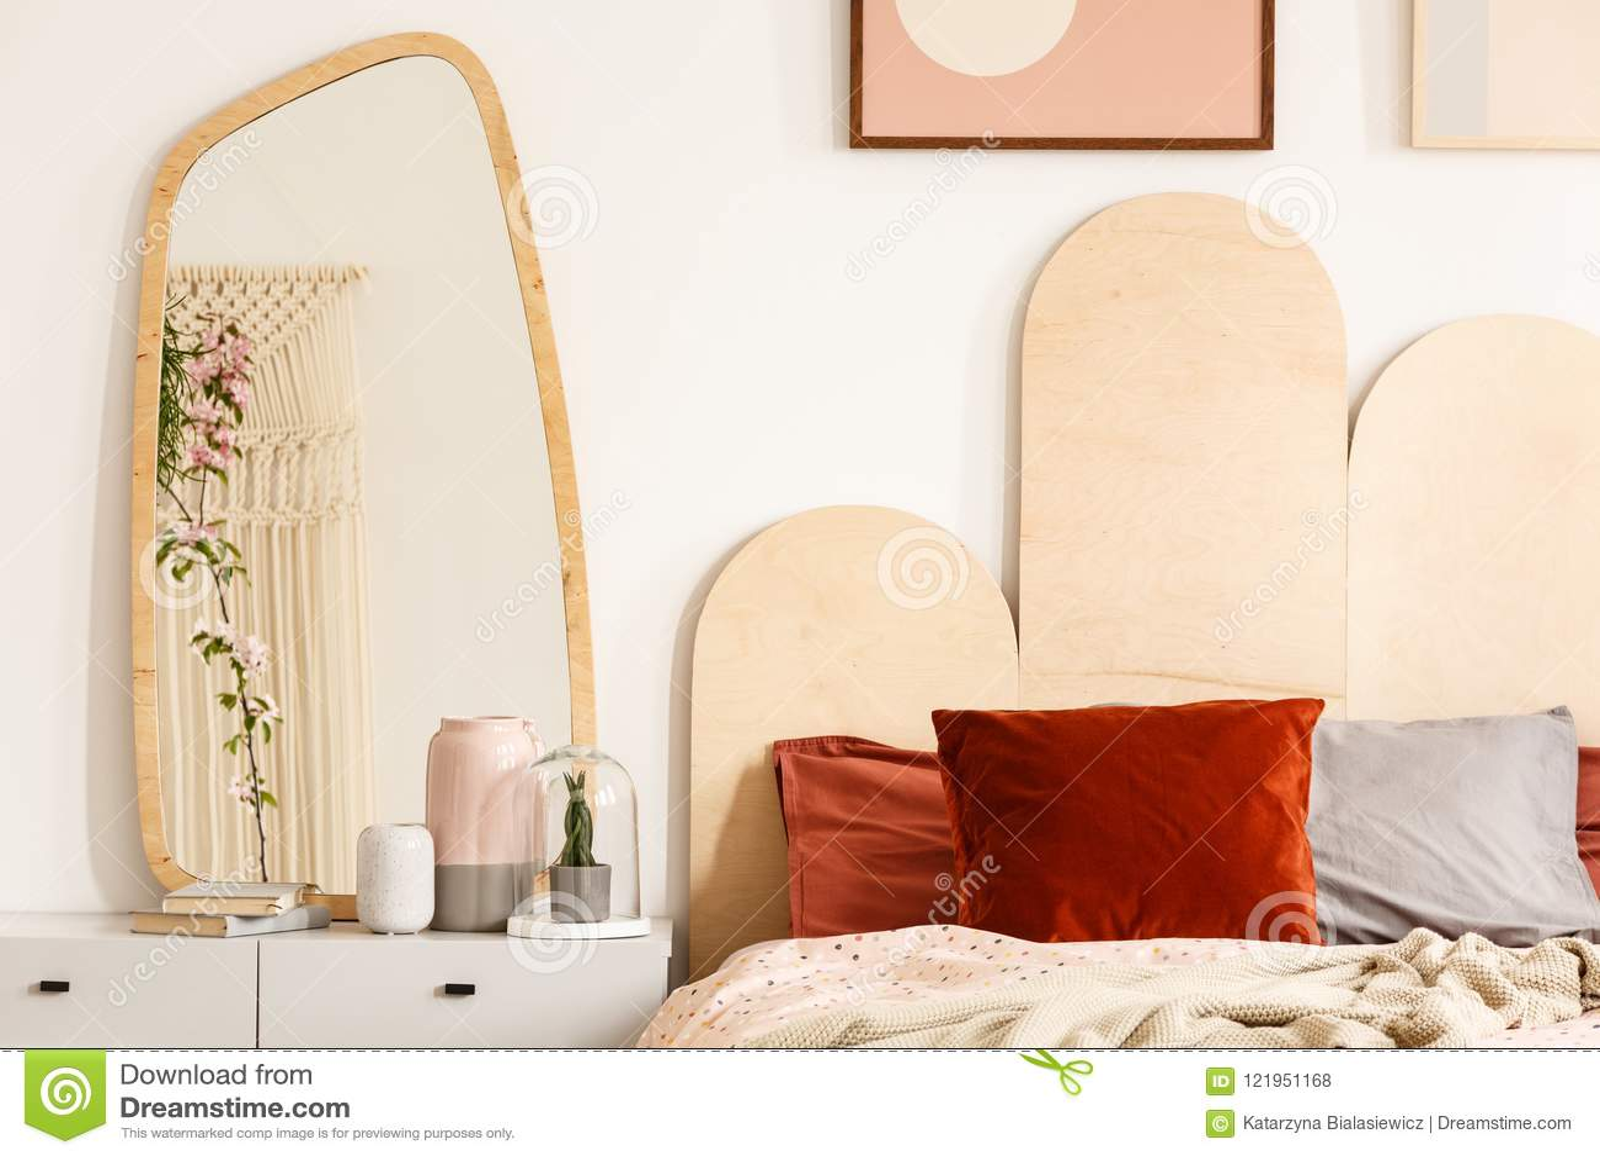 Coussins rouges sur le lit avec la tête de lit à côté de la coiffeuse avec m